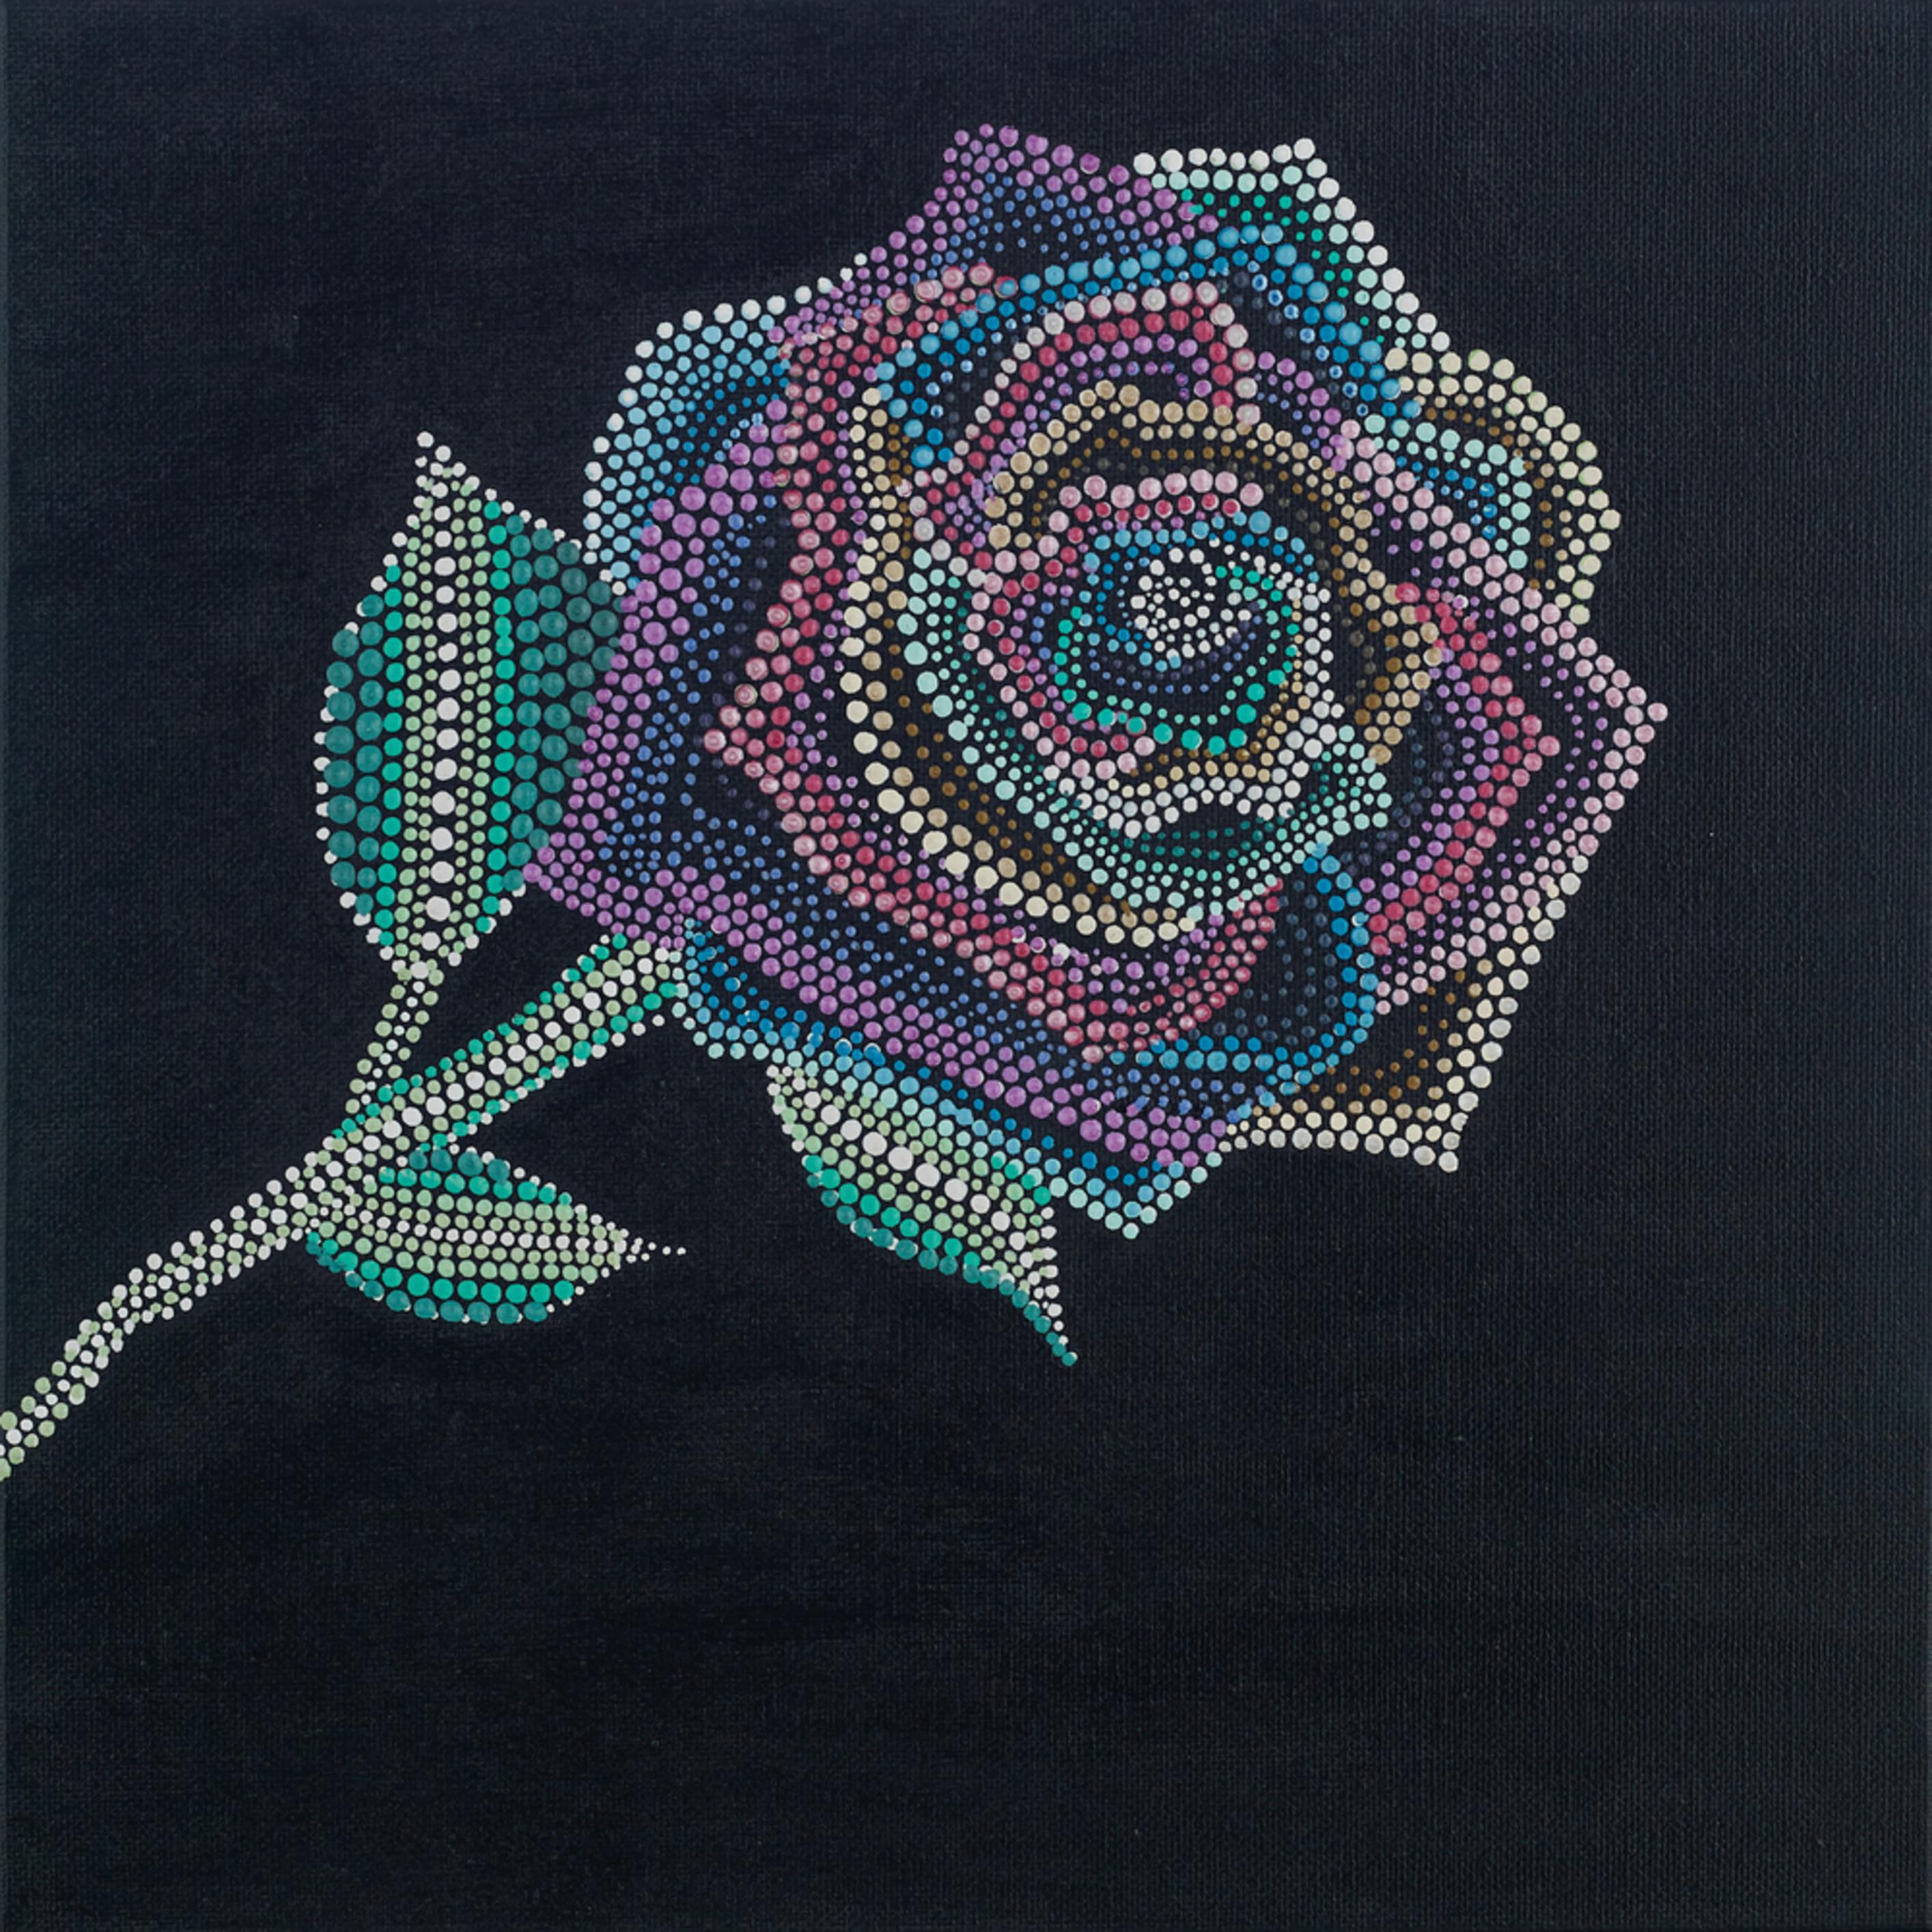 Rainbow rose uh7rtj